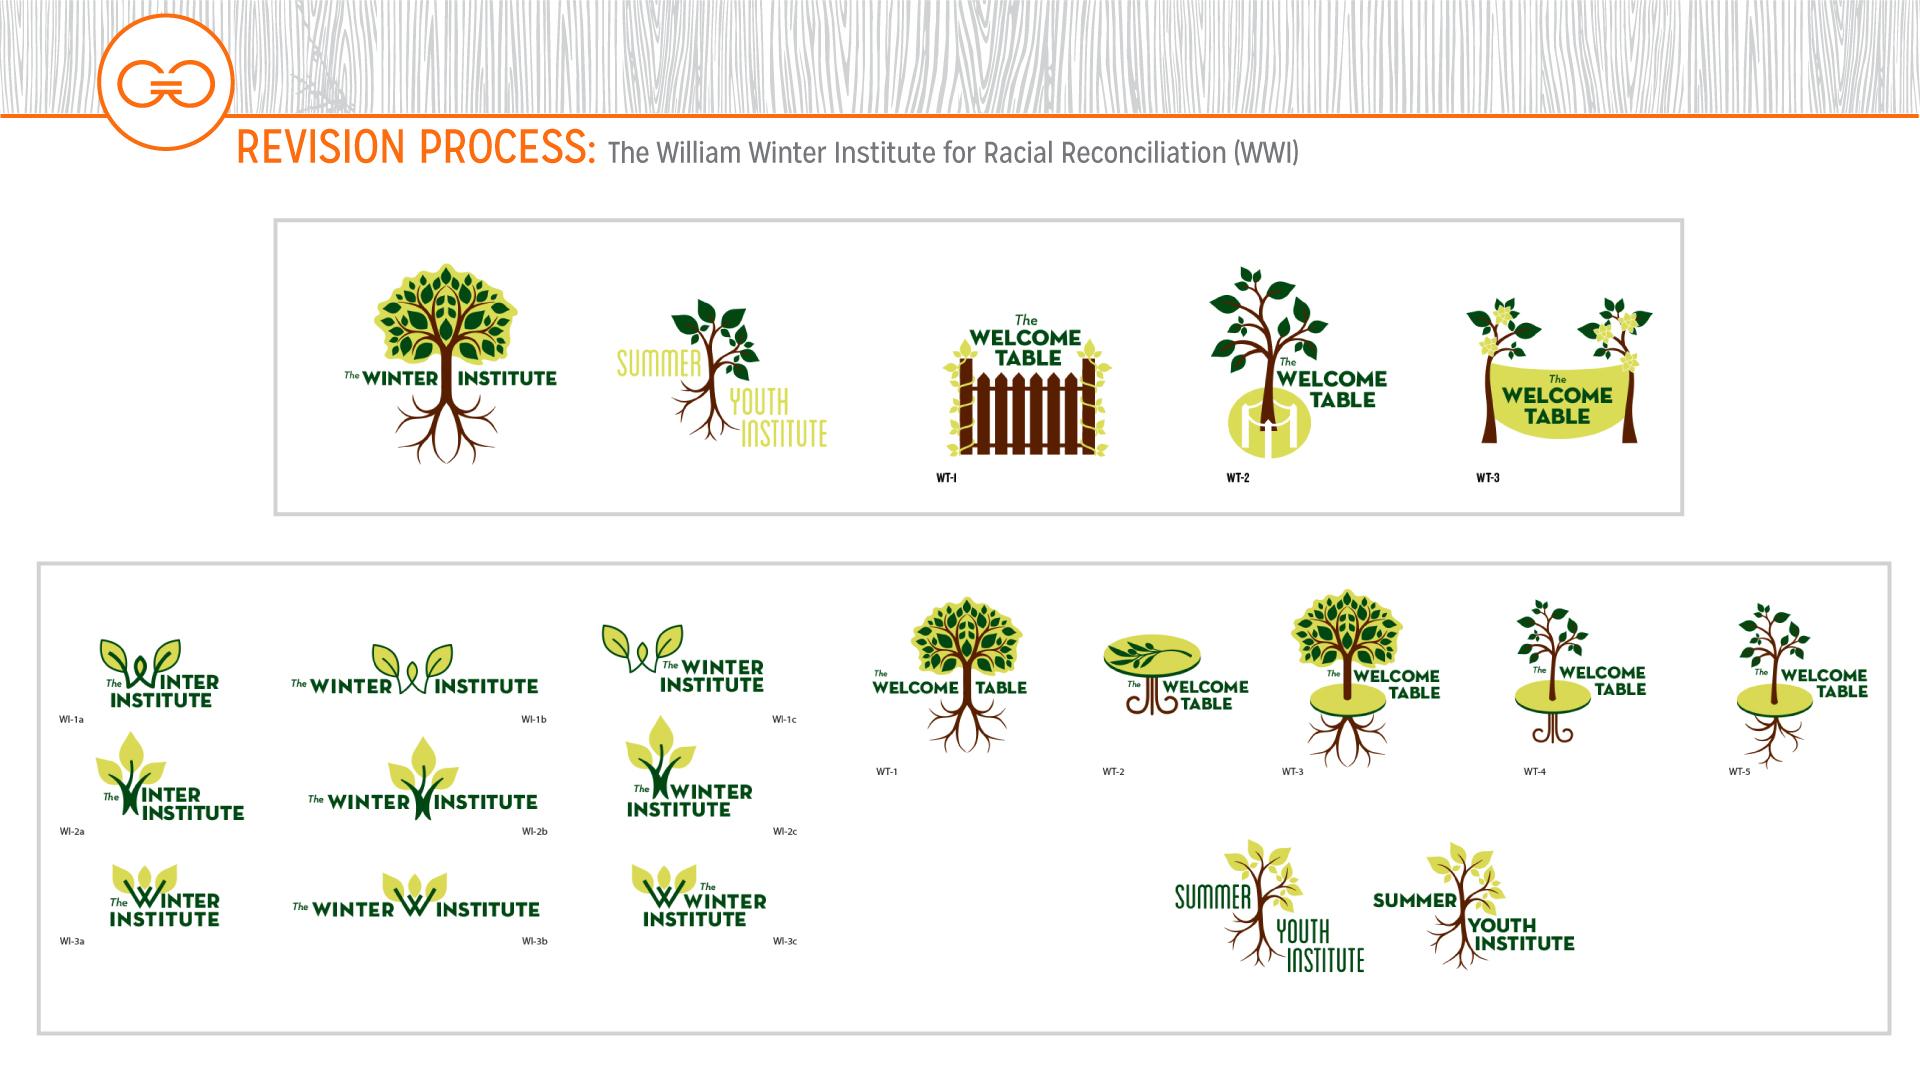 GGKeynotePreso-Slide5.jpg